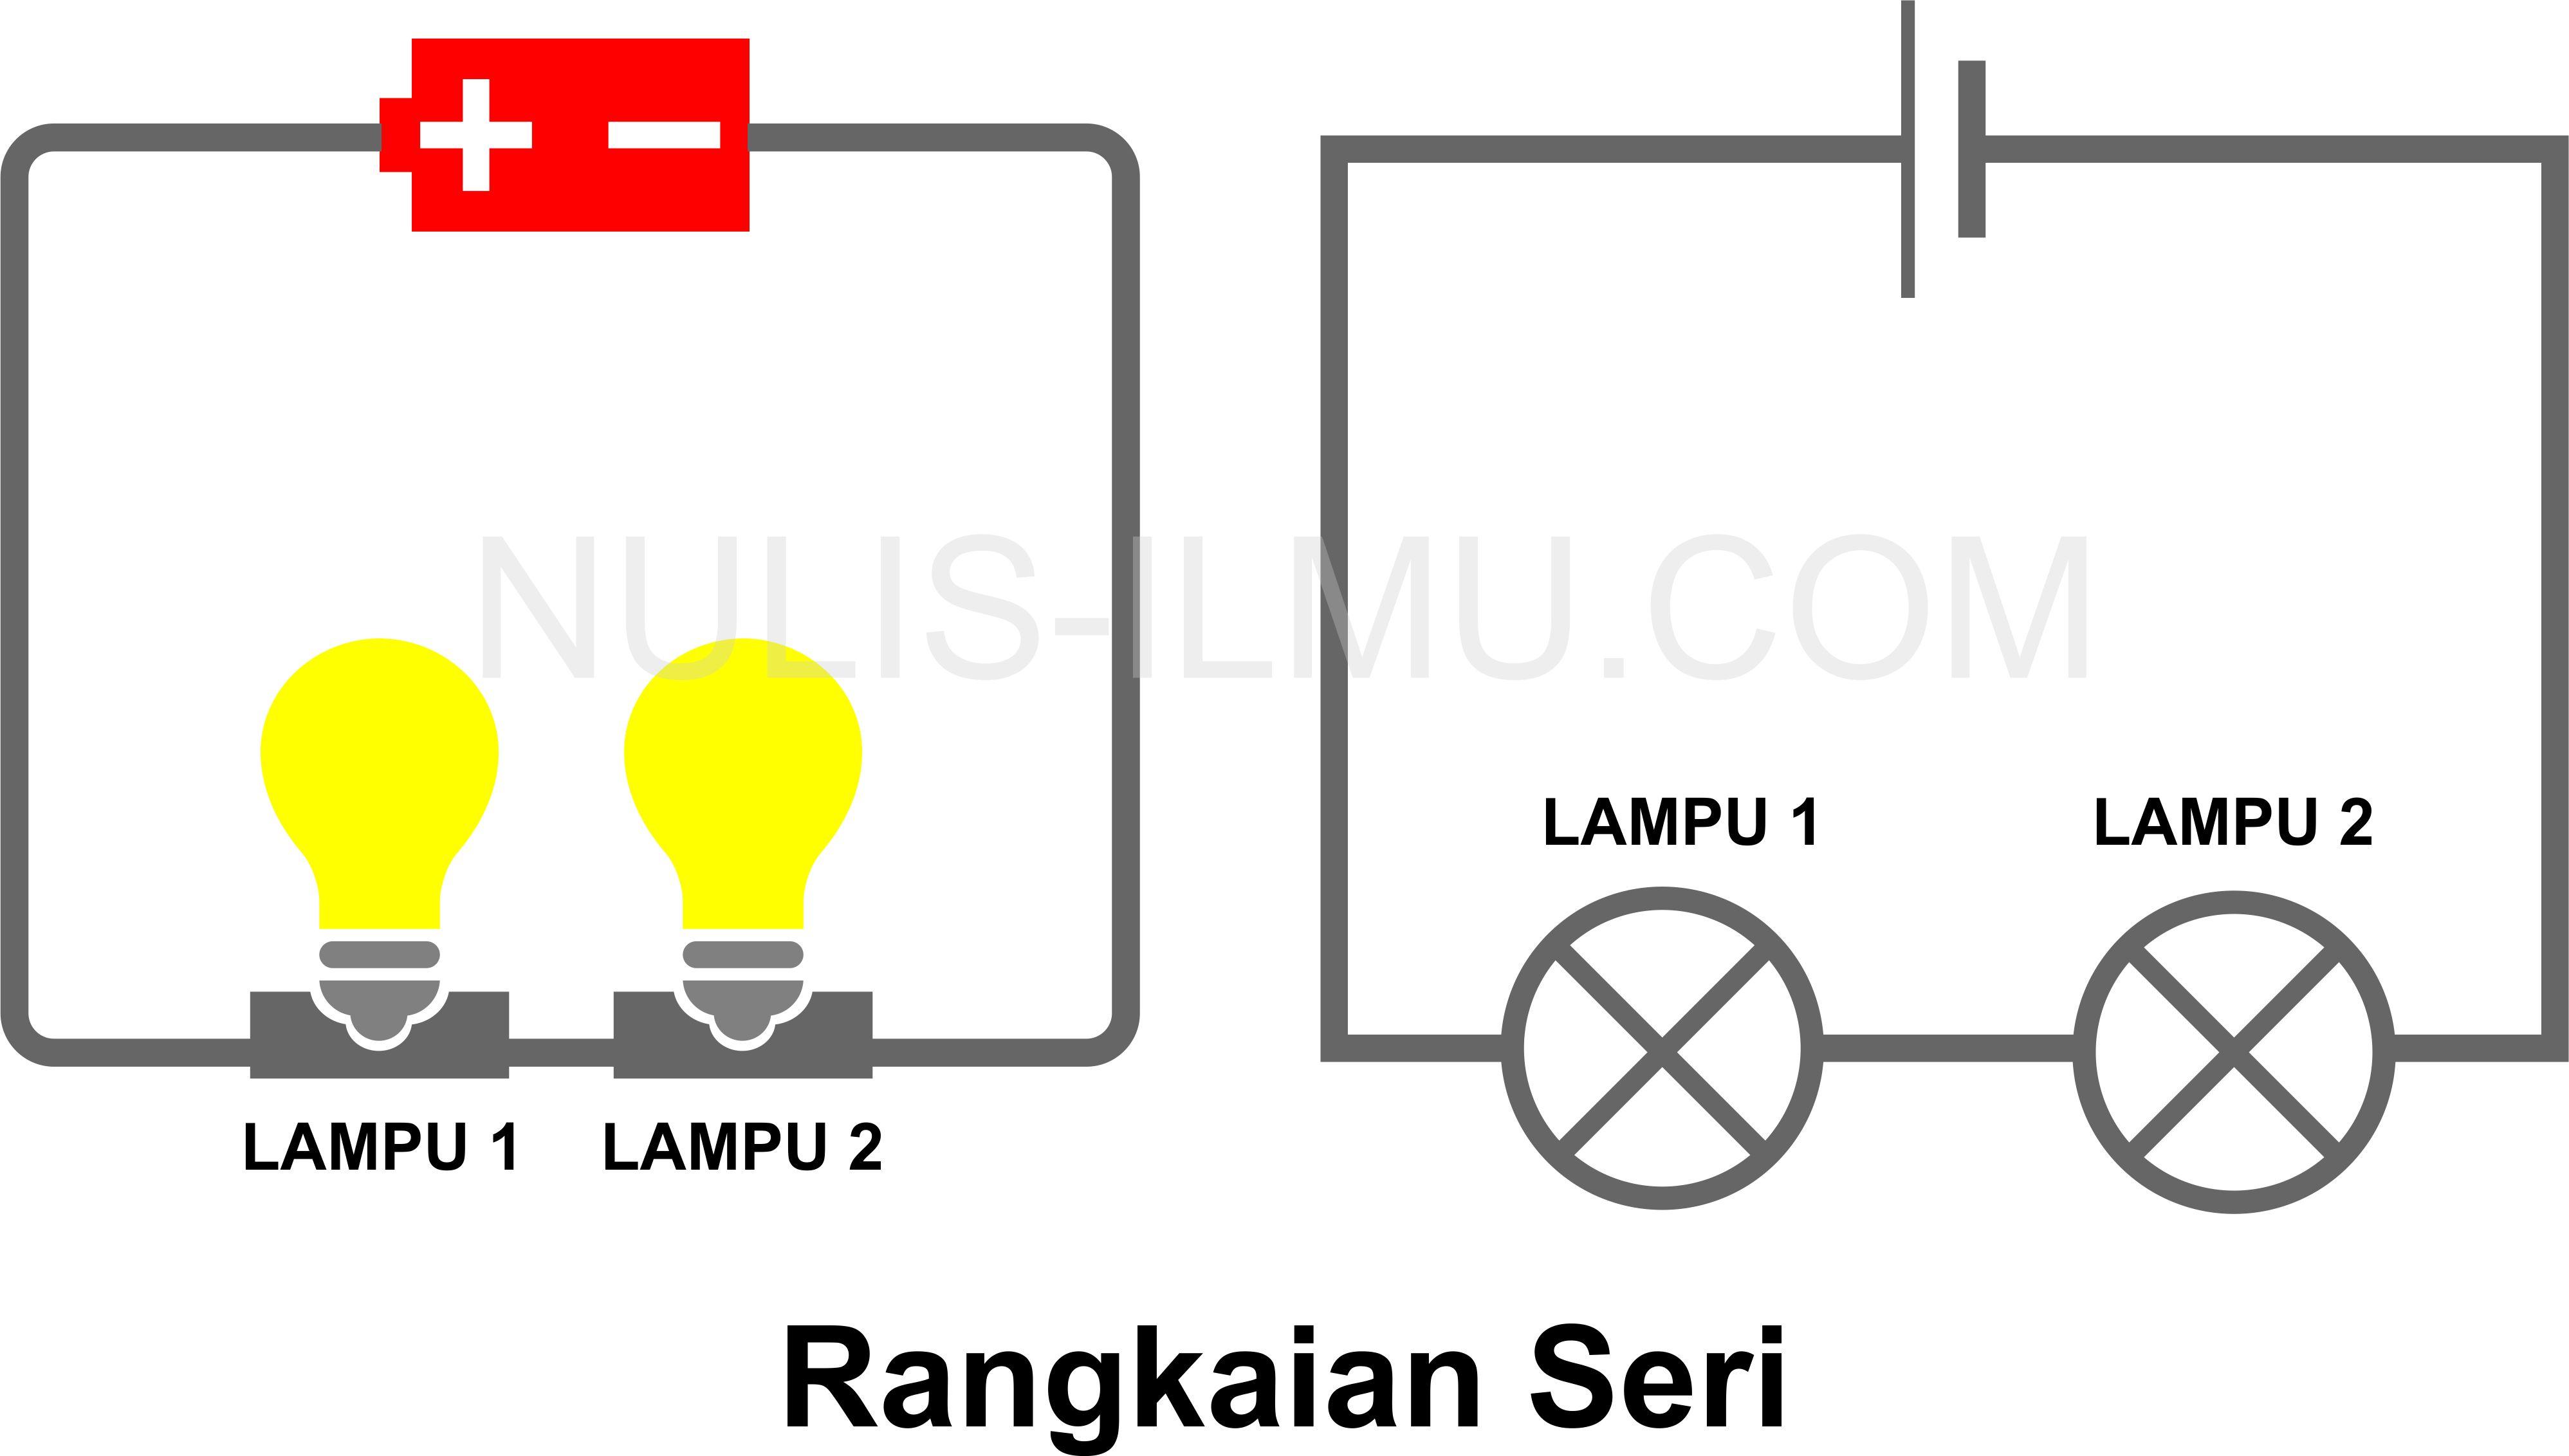 rangkaian seri lampu